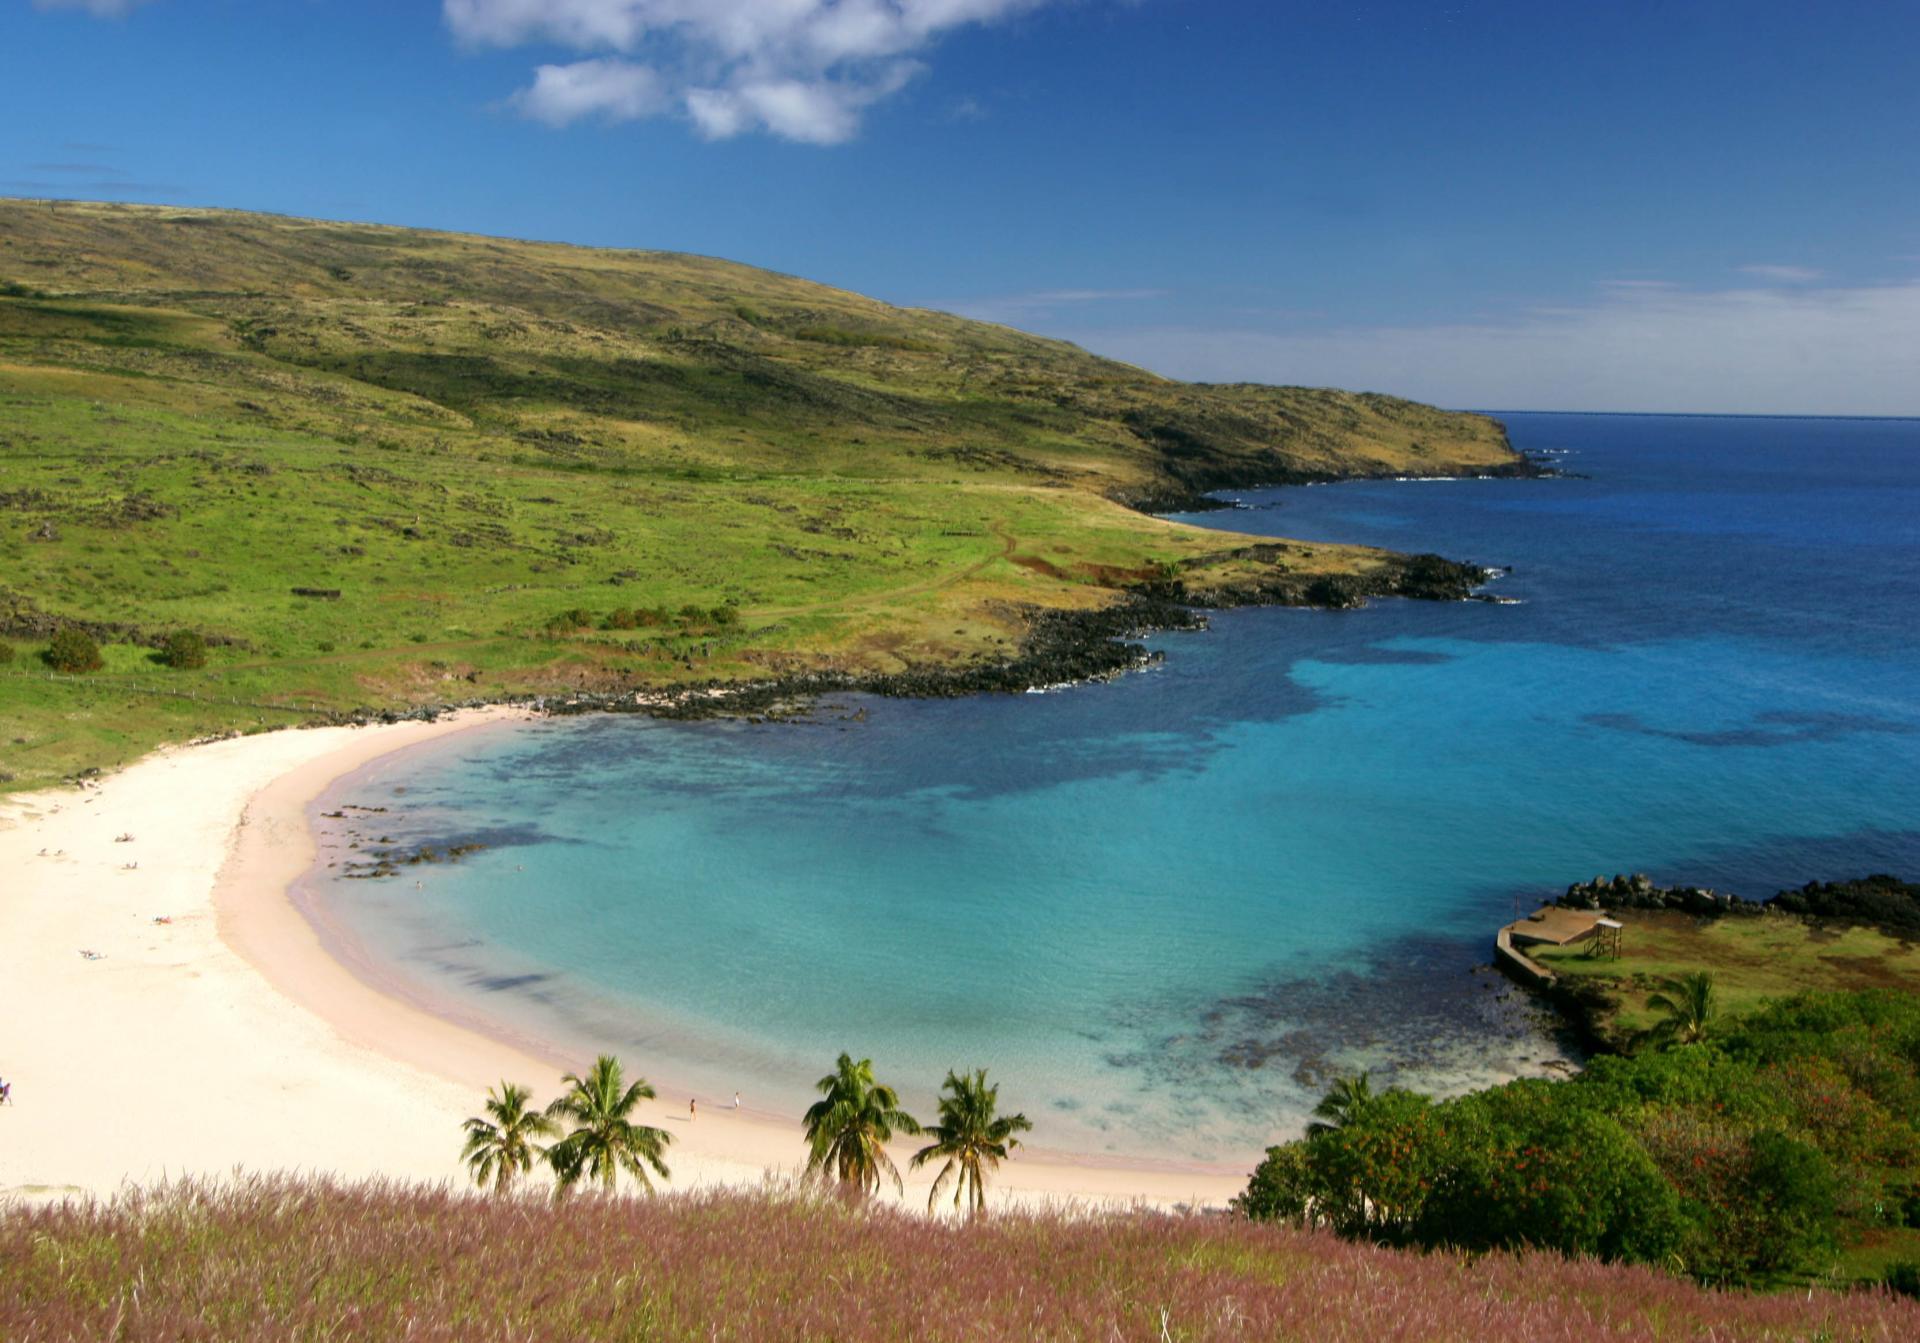 La plage de sable fin d anakena situee dans le parc national de rapa nui